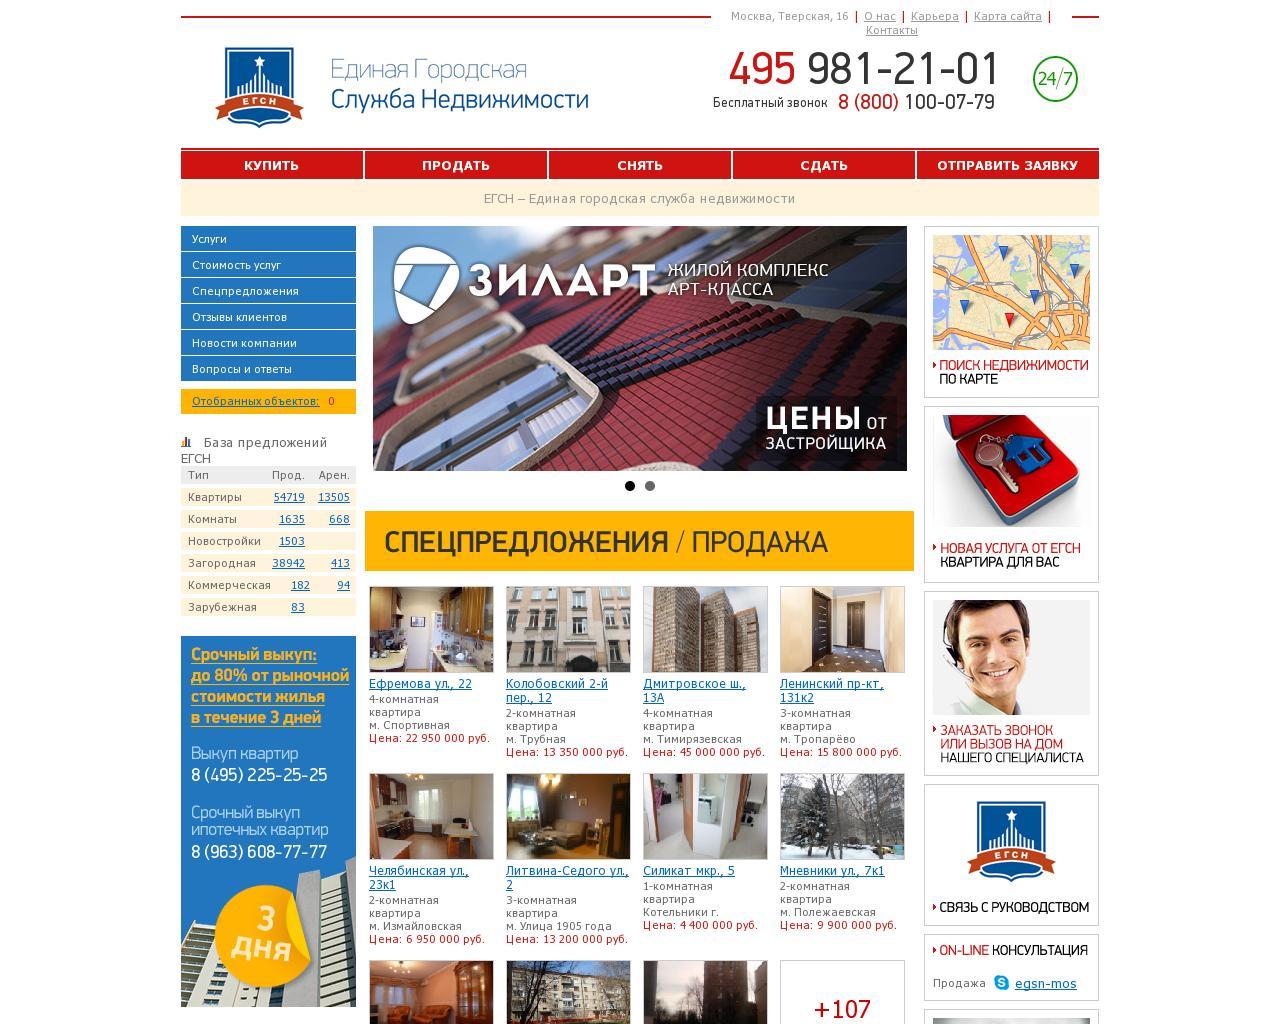 Единая городская служба недвижимости москва